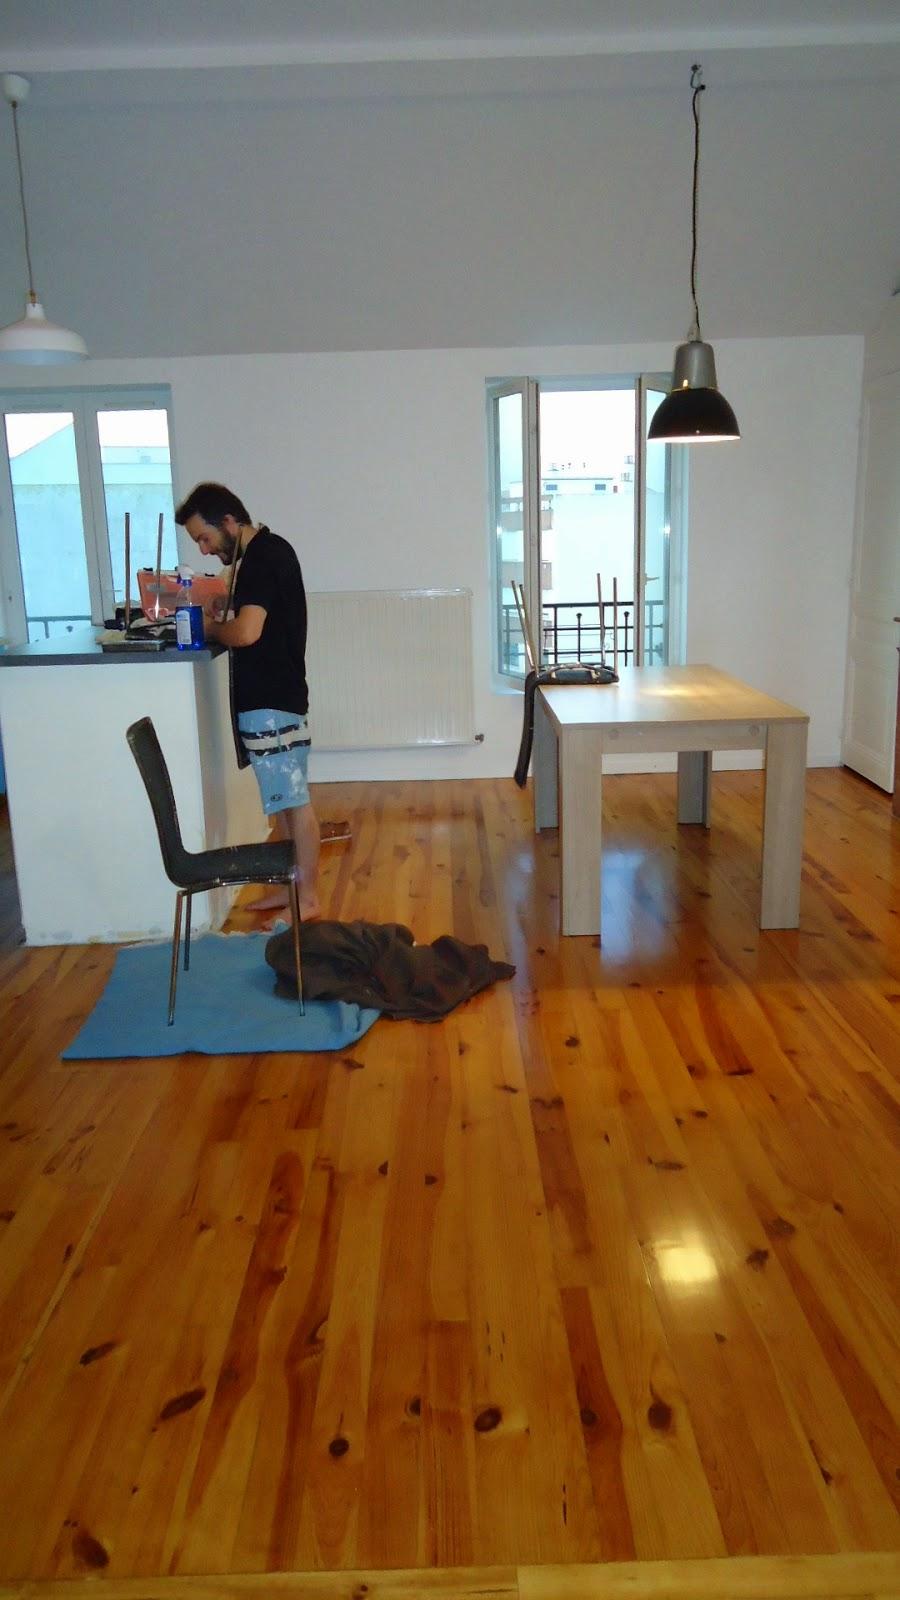 travaux de r novation de notre appartement plinthes salon et carrelage wc. Black Bedroom Furniture Sets. Home Design Ideas